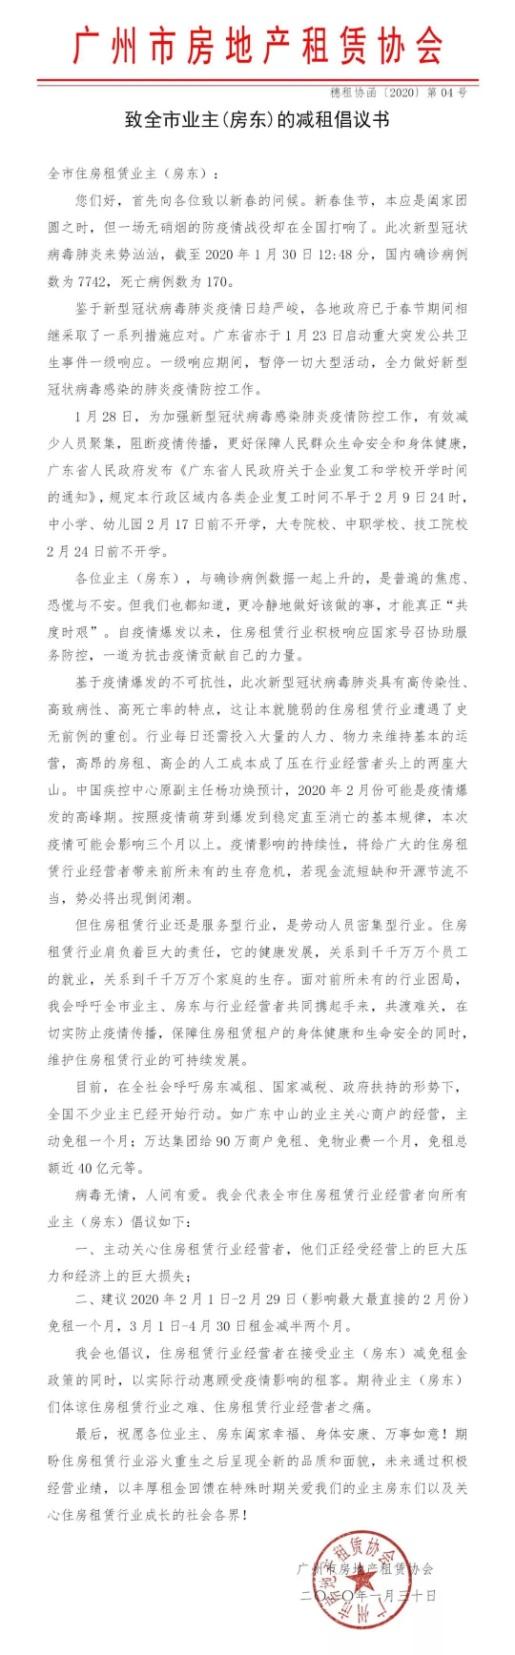 广州租赁协会倡议:全市房东2月免租,3至4月租金减半